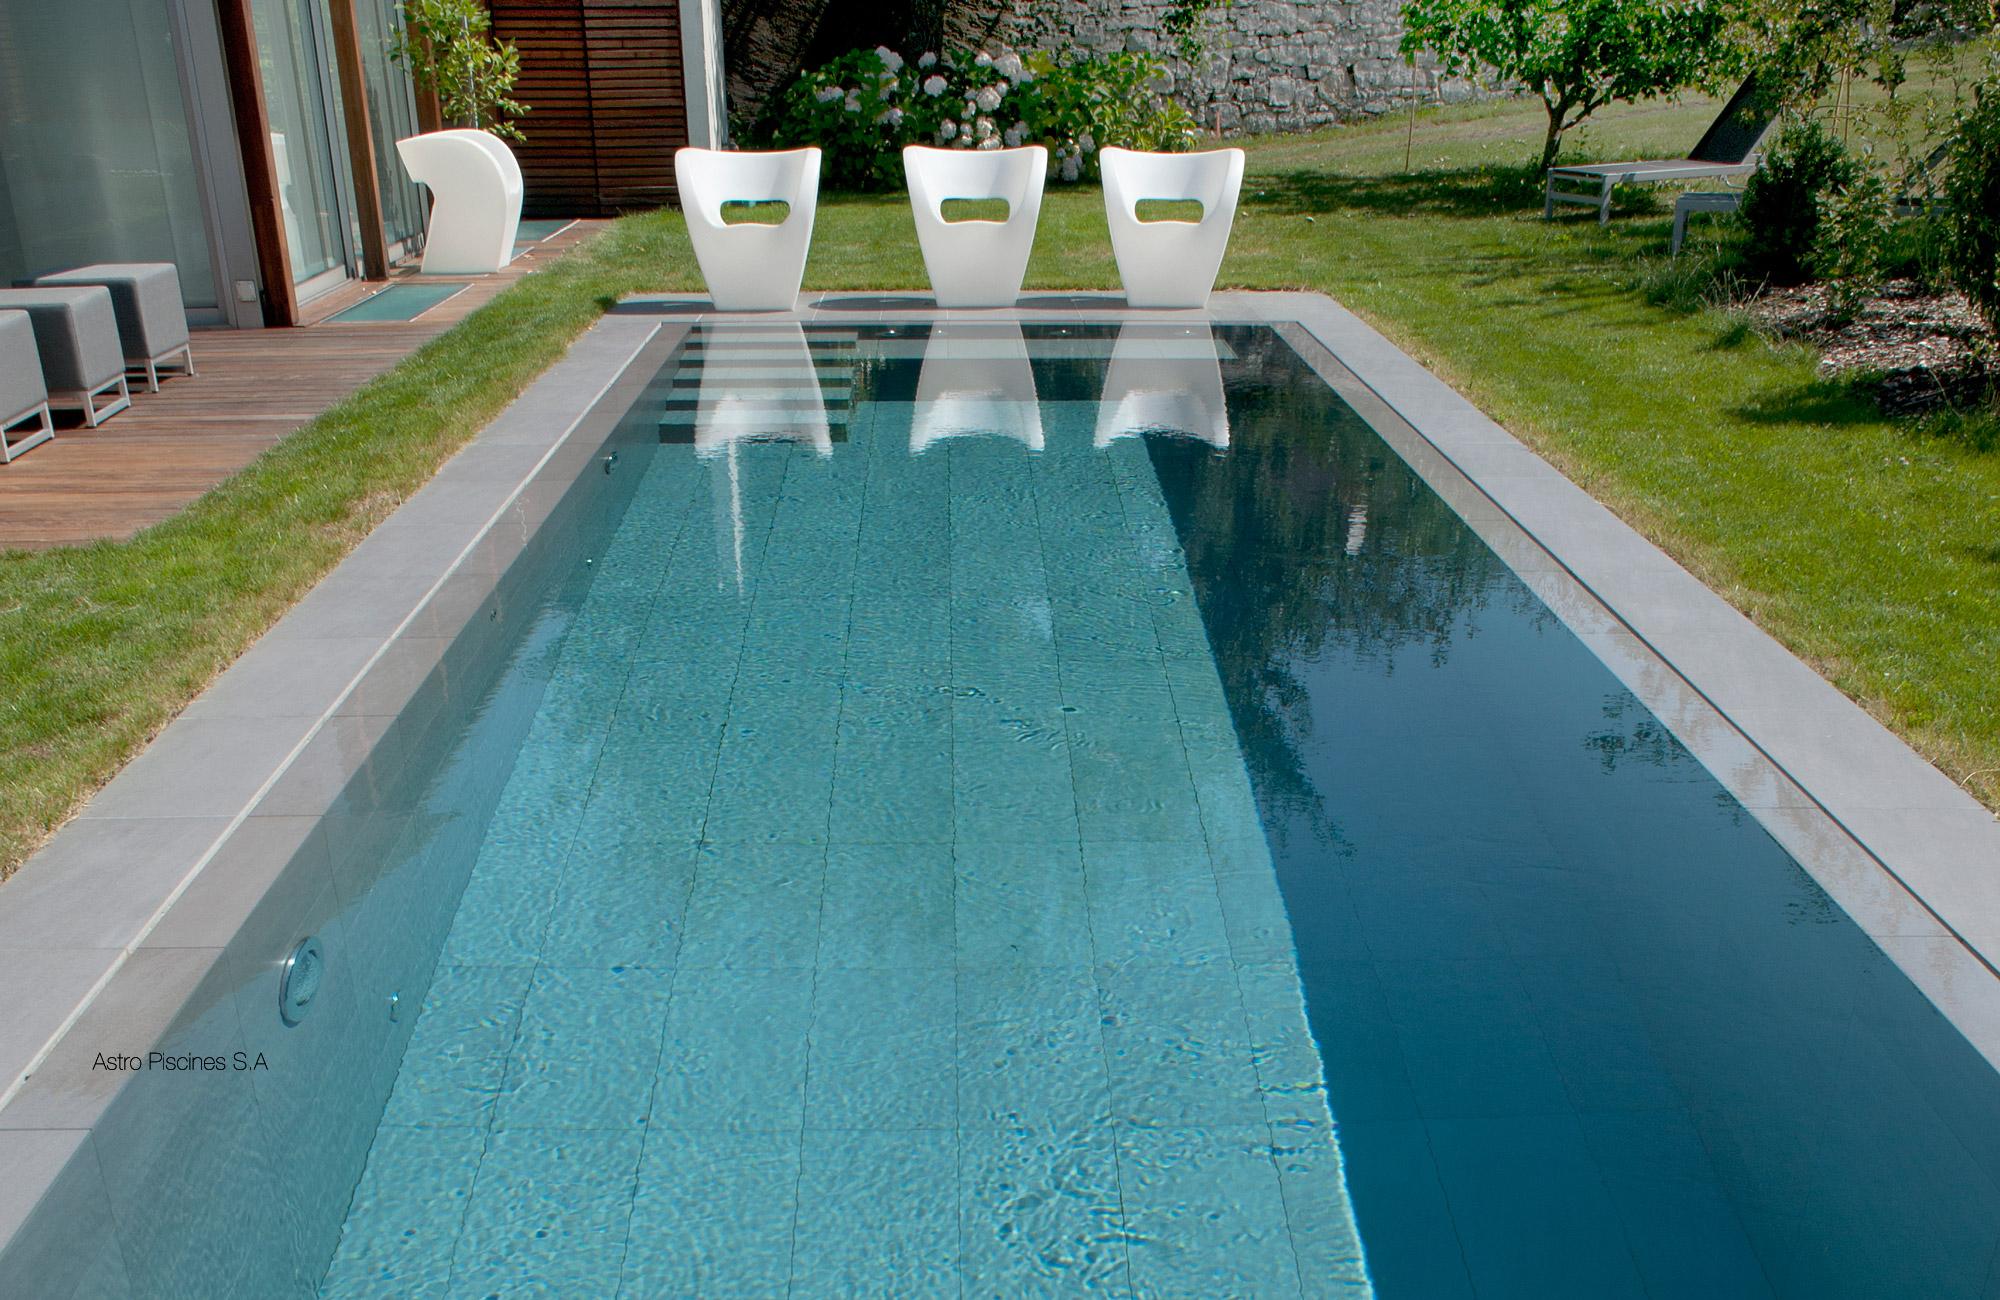 Chauffez l 39 eau de votre piscine gratuitement chauffage for Chauffer sa piscine a moindre cout